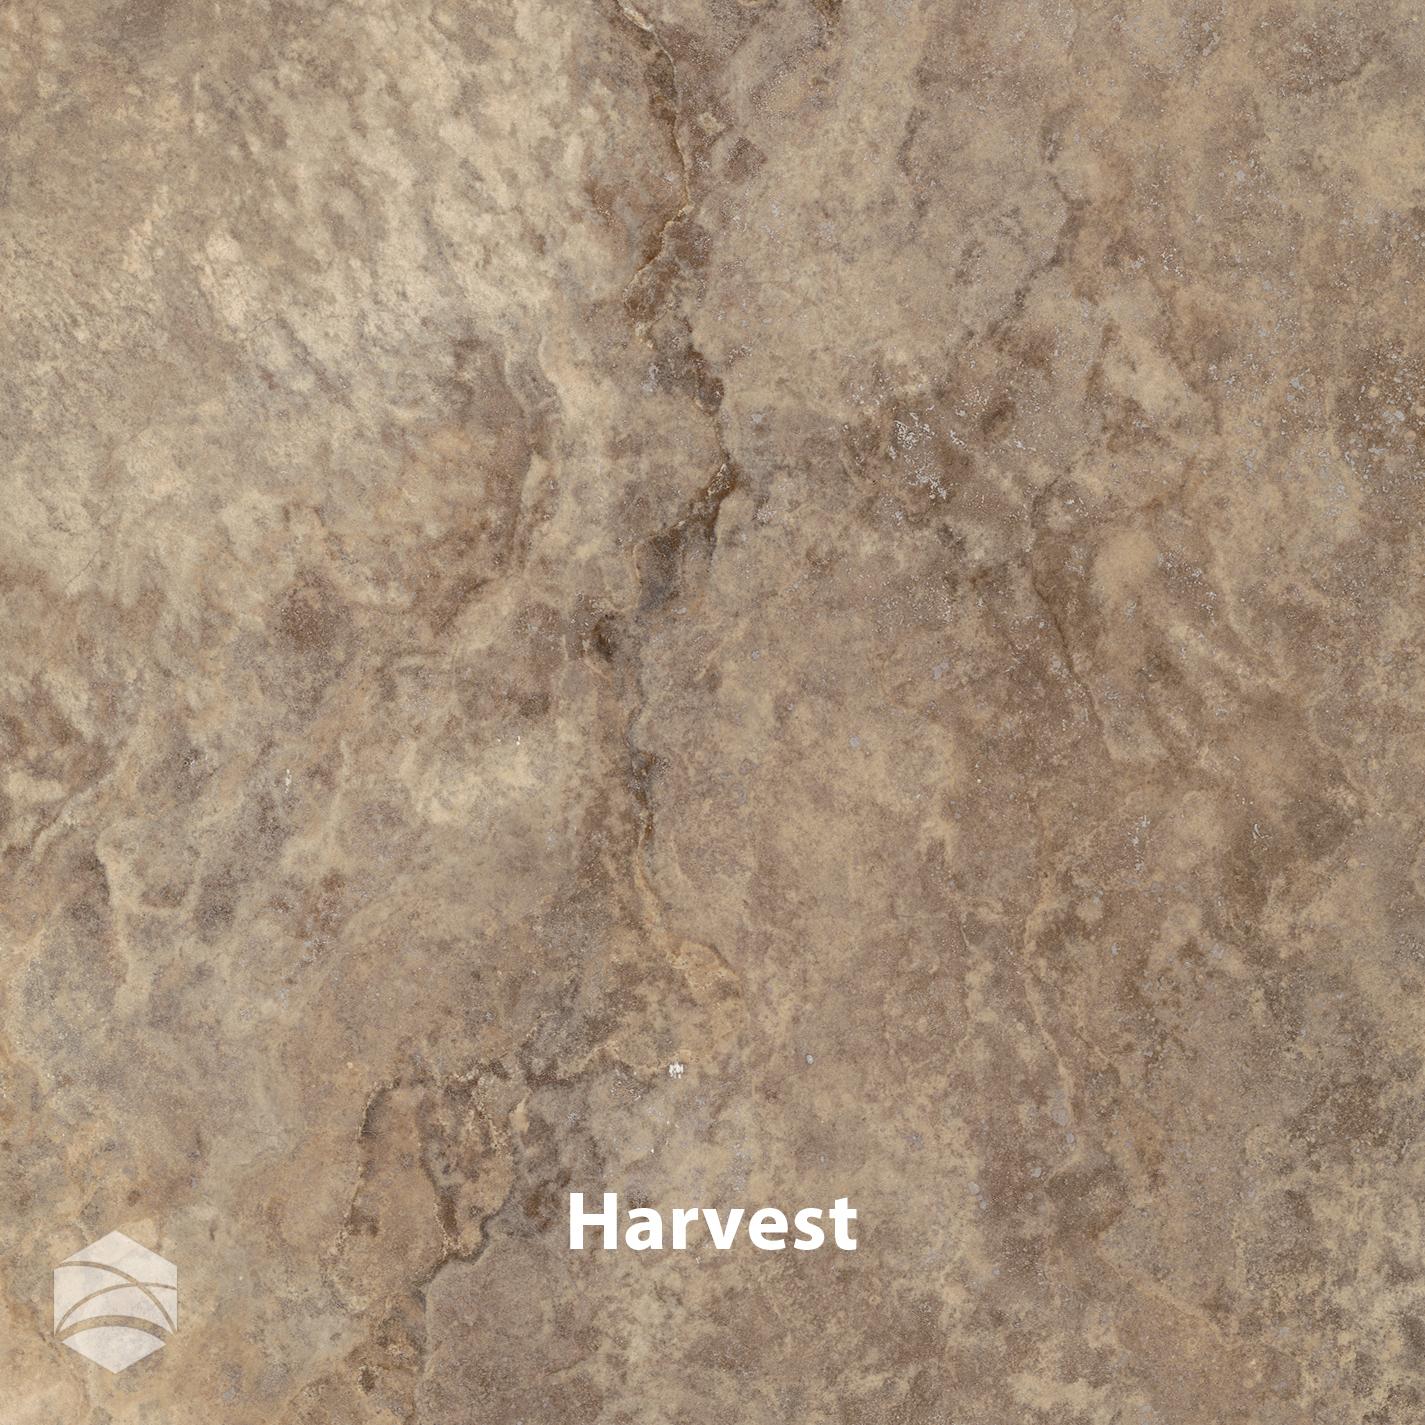 Harvest_V2_14x14.jpg